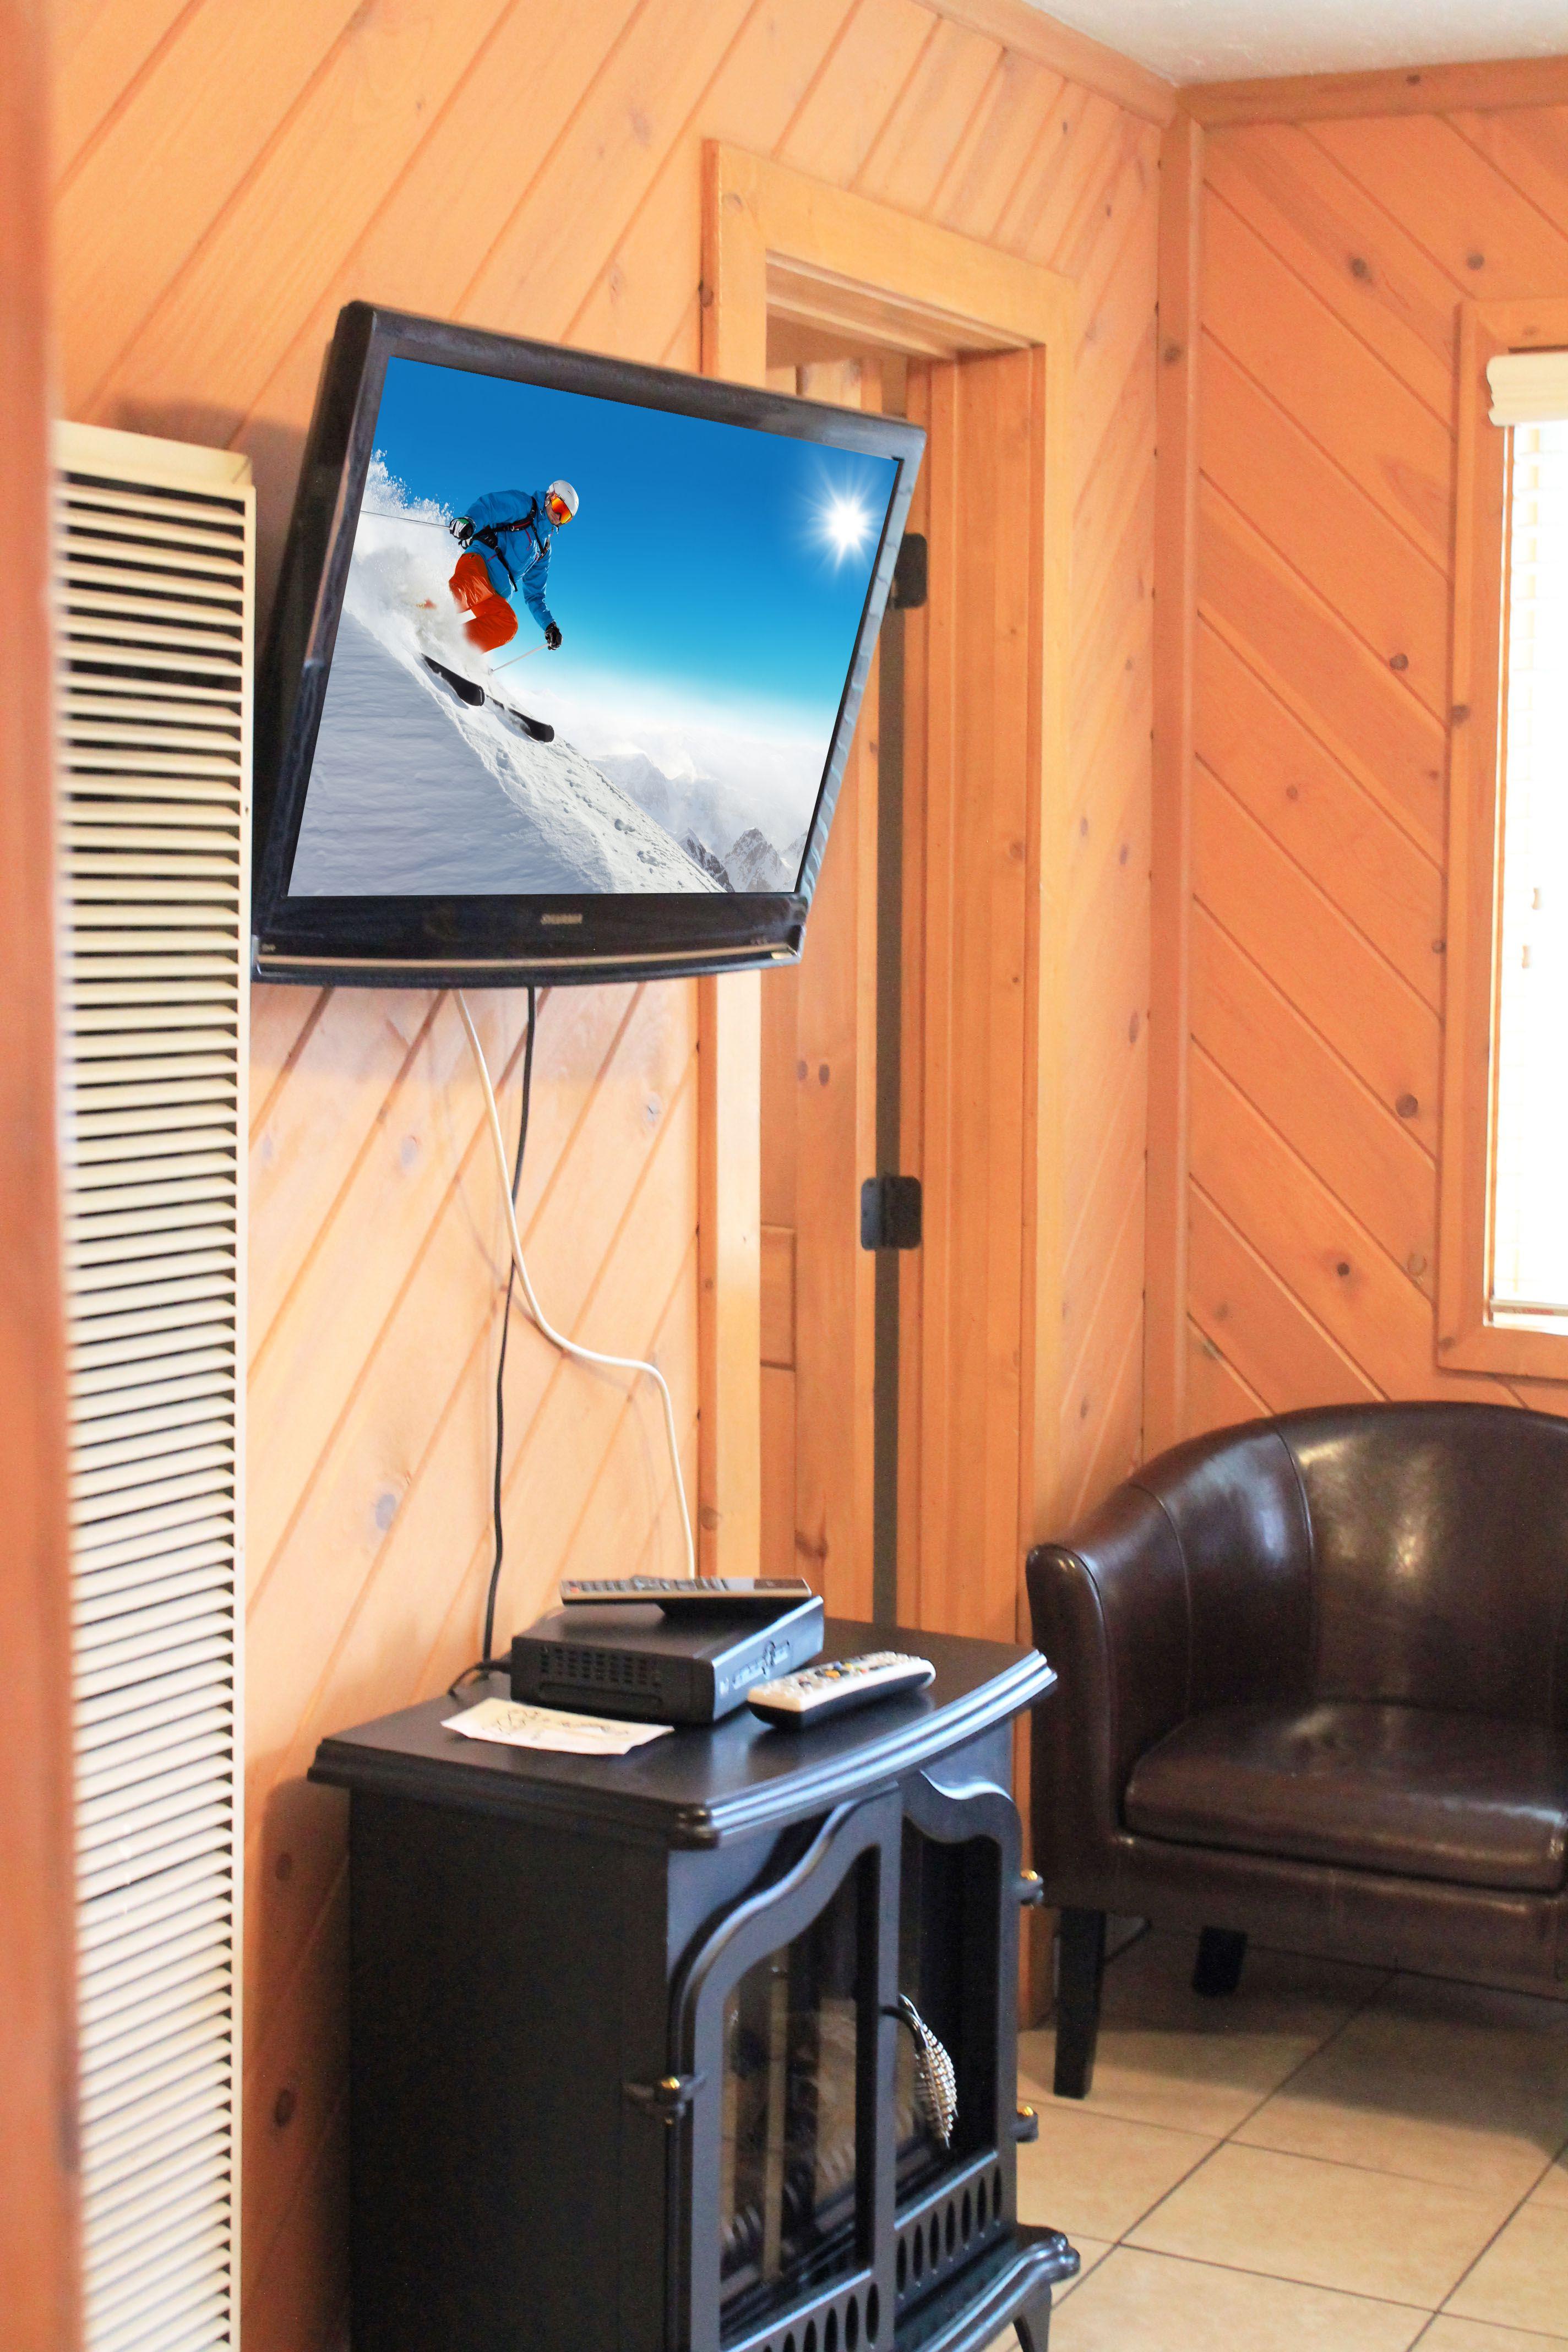 TV w. TV